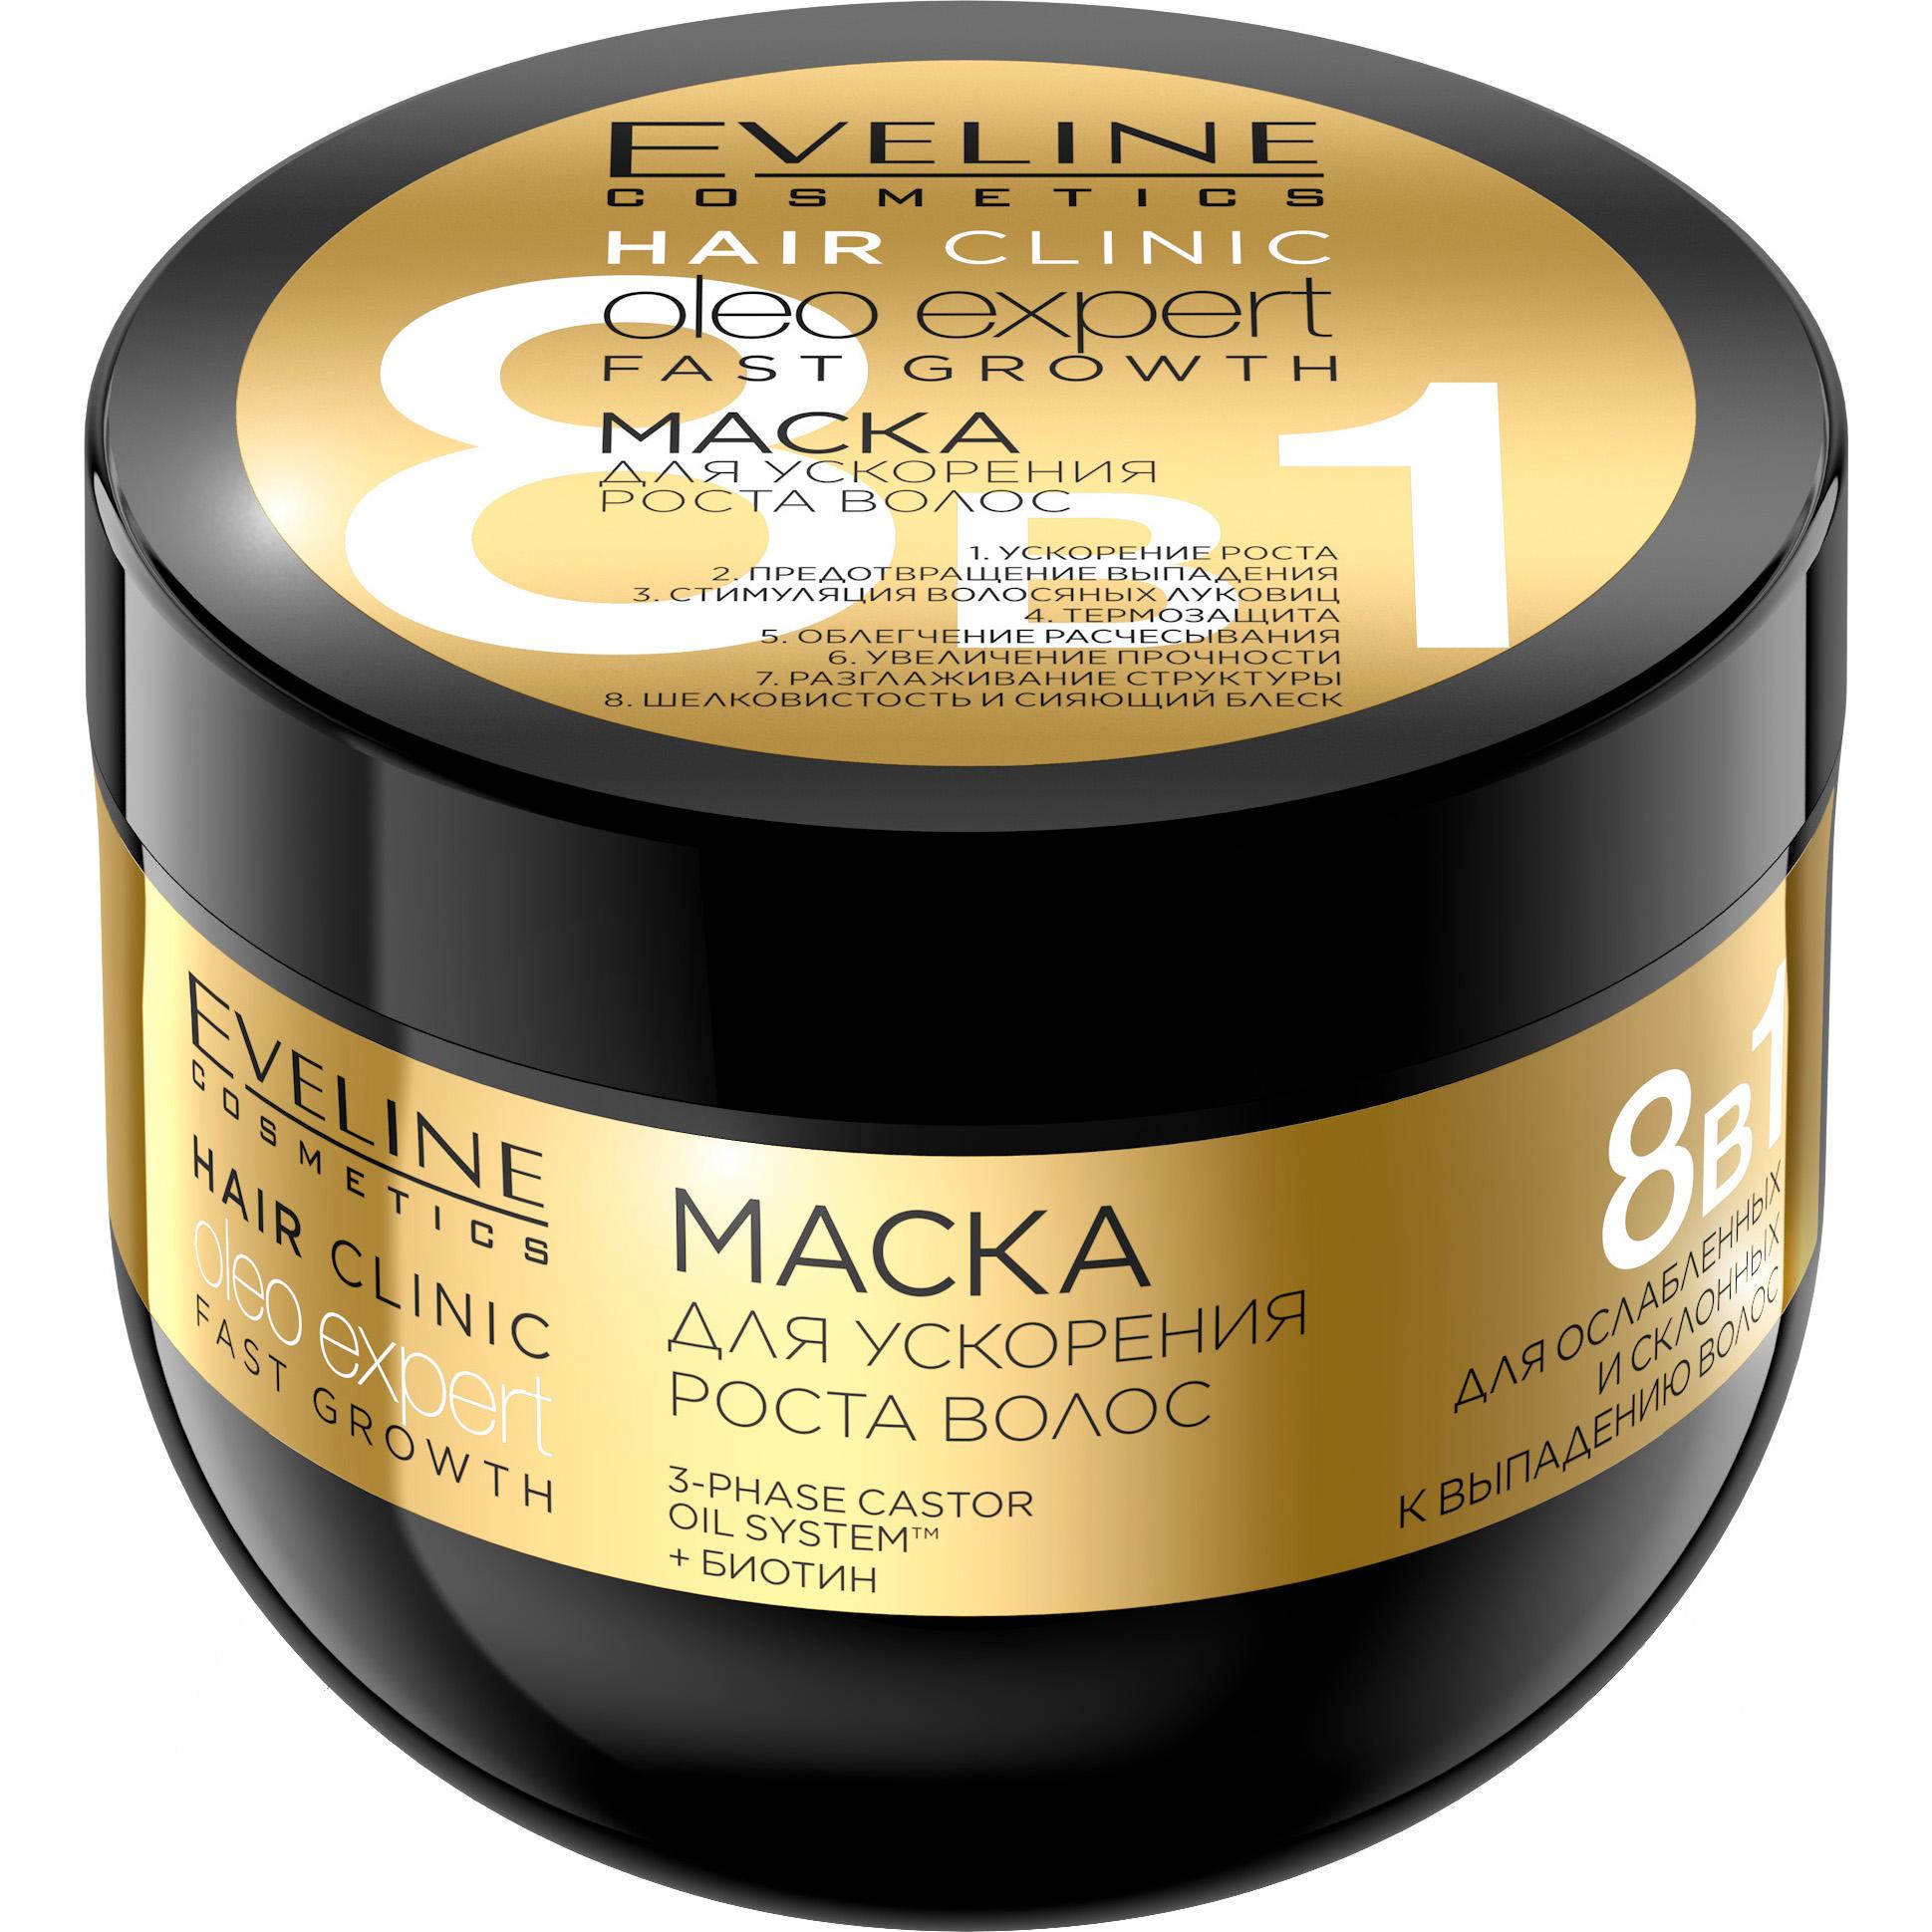 Маска для волос EVELINE Oleo Expert Для ускорения роста волос 300 мл